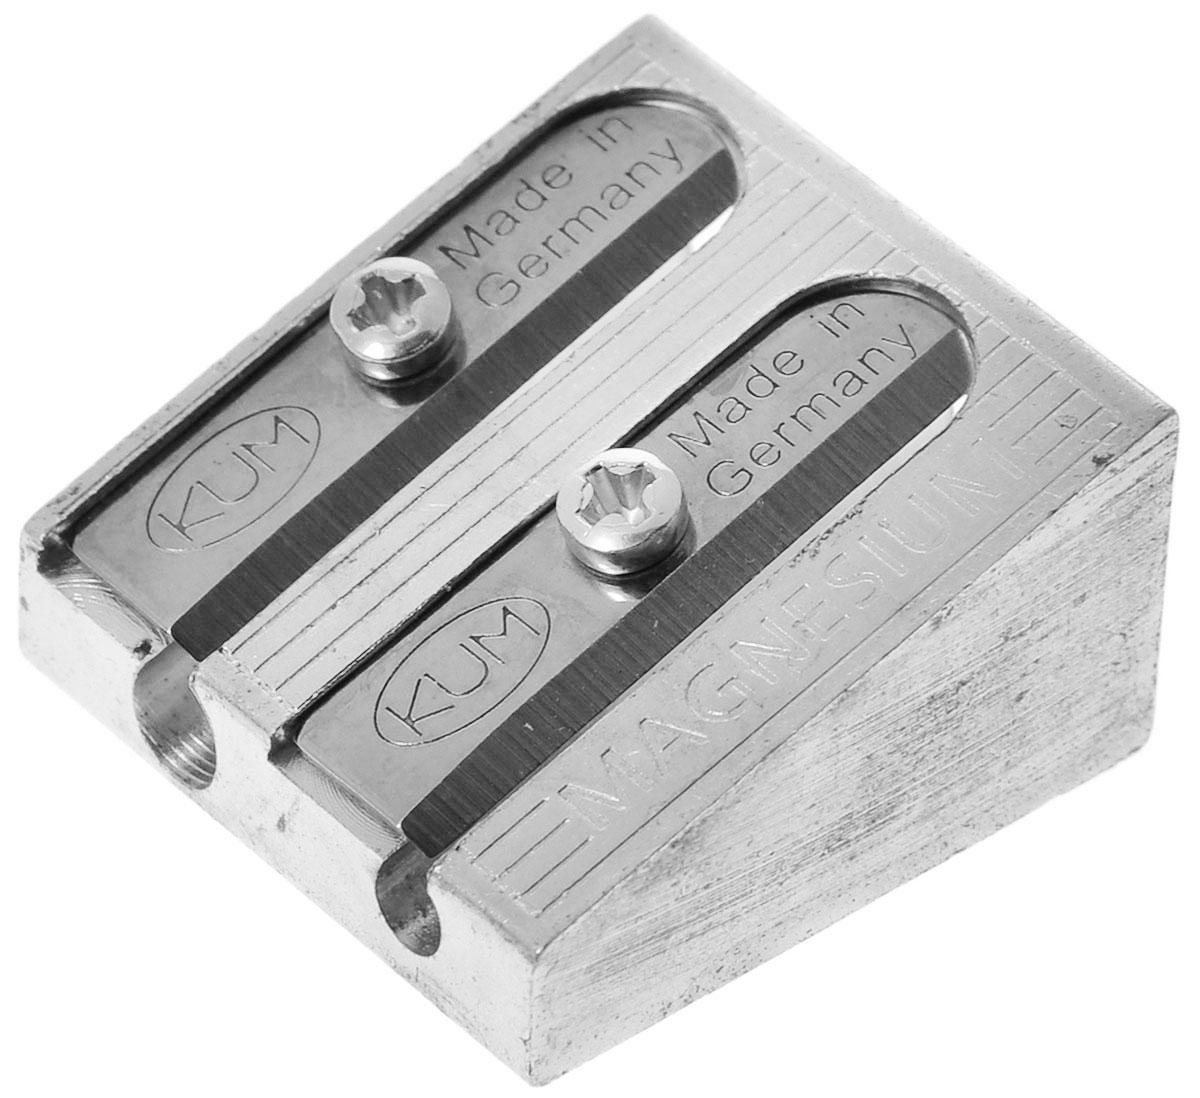 Kum Точилка двойная, клиновидная1040501 K-410 (K-1040501)Точилка выполнена из прочного металлического сплава. В точилке имеются два отверстия для карандашей разного диаметра, подходит для различных видов карандашей. Острое стальное лезвие обеспечивает высококачественную и точную заточку. При заточке карандаш вращается плавно, ровно затачивается и не ломается.